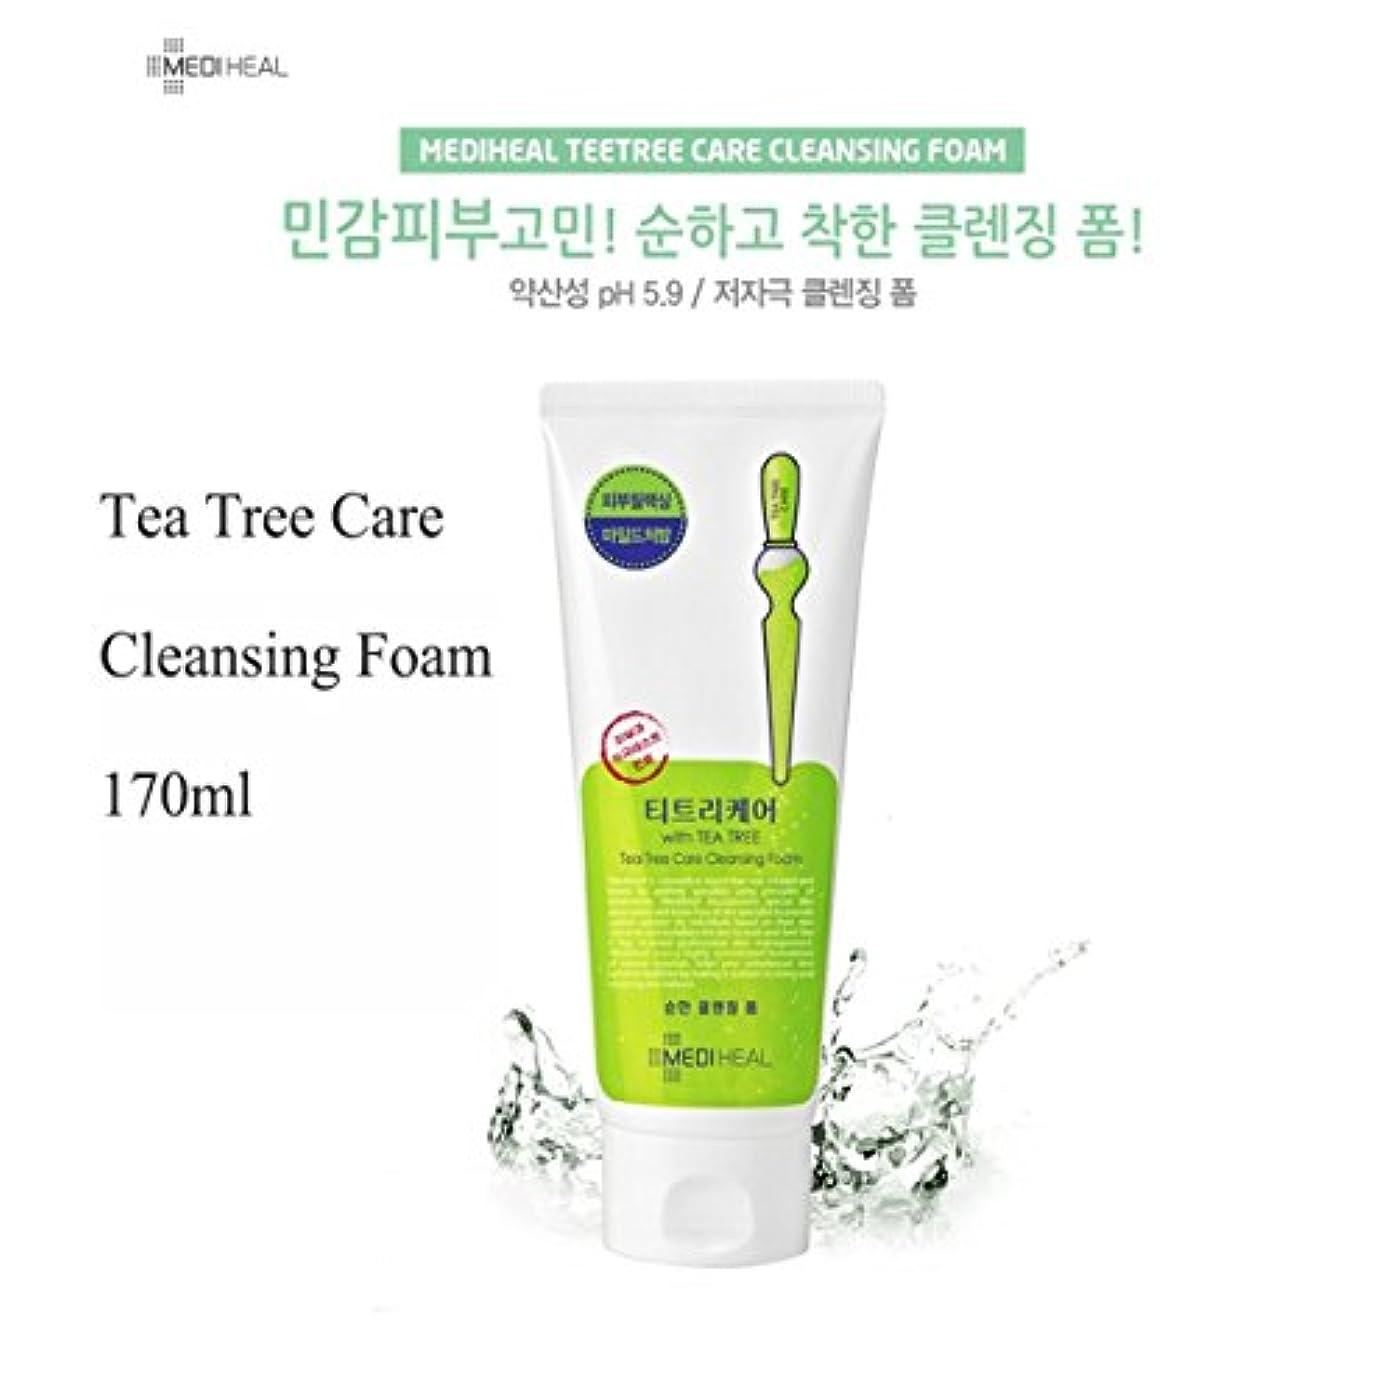 カメラ豚発生MEDIHEAL Tea Tree Foam Cleansing 170ml/メディヒール ティー ツリー フォーム クレンジング 170ml